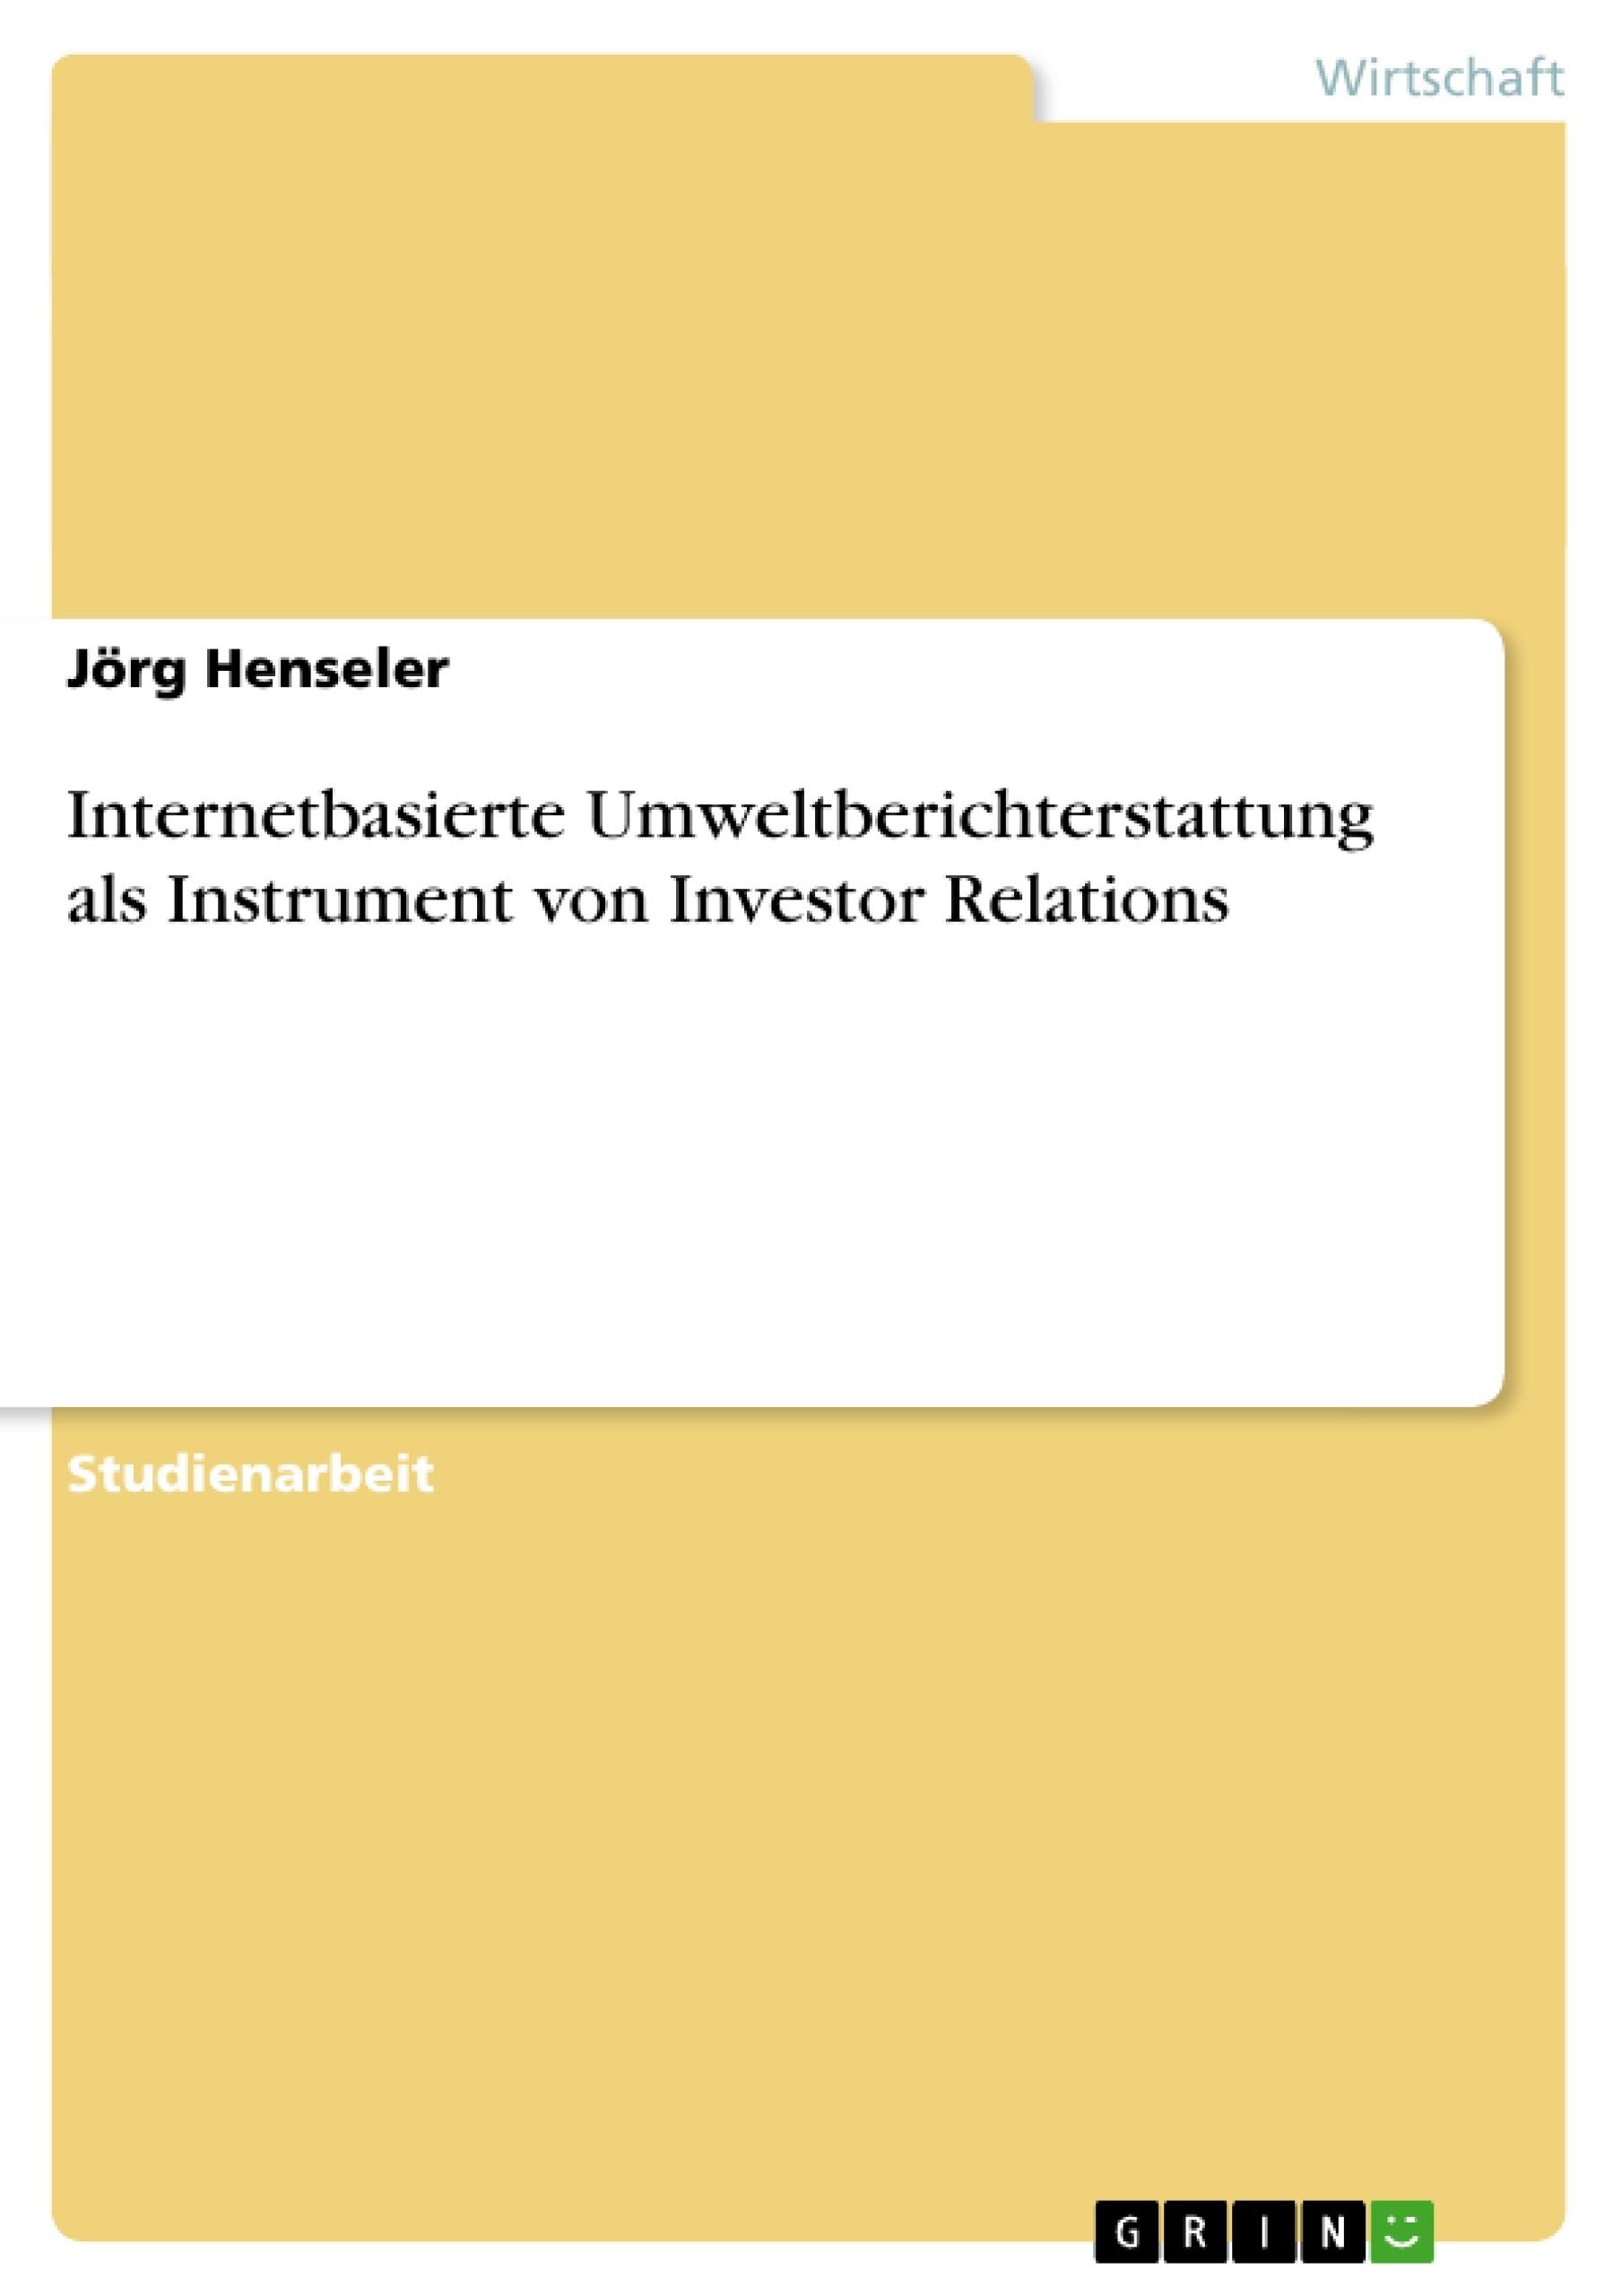 Titel: Internetbasierte Umweltberichterstattung als Instrument von Investor Relations